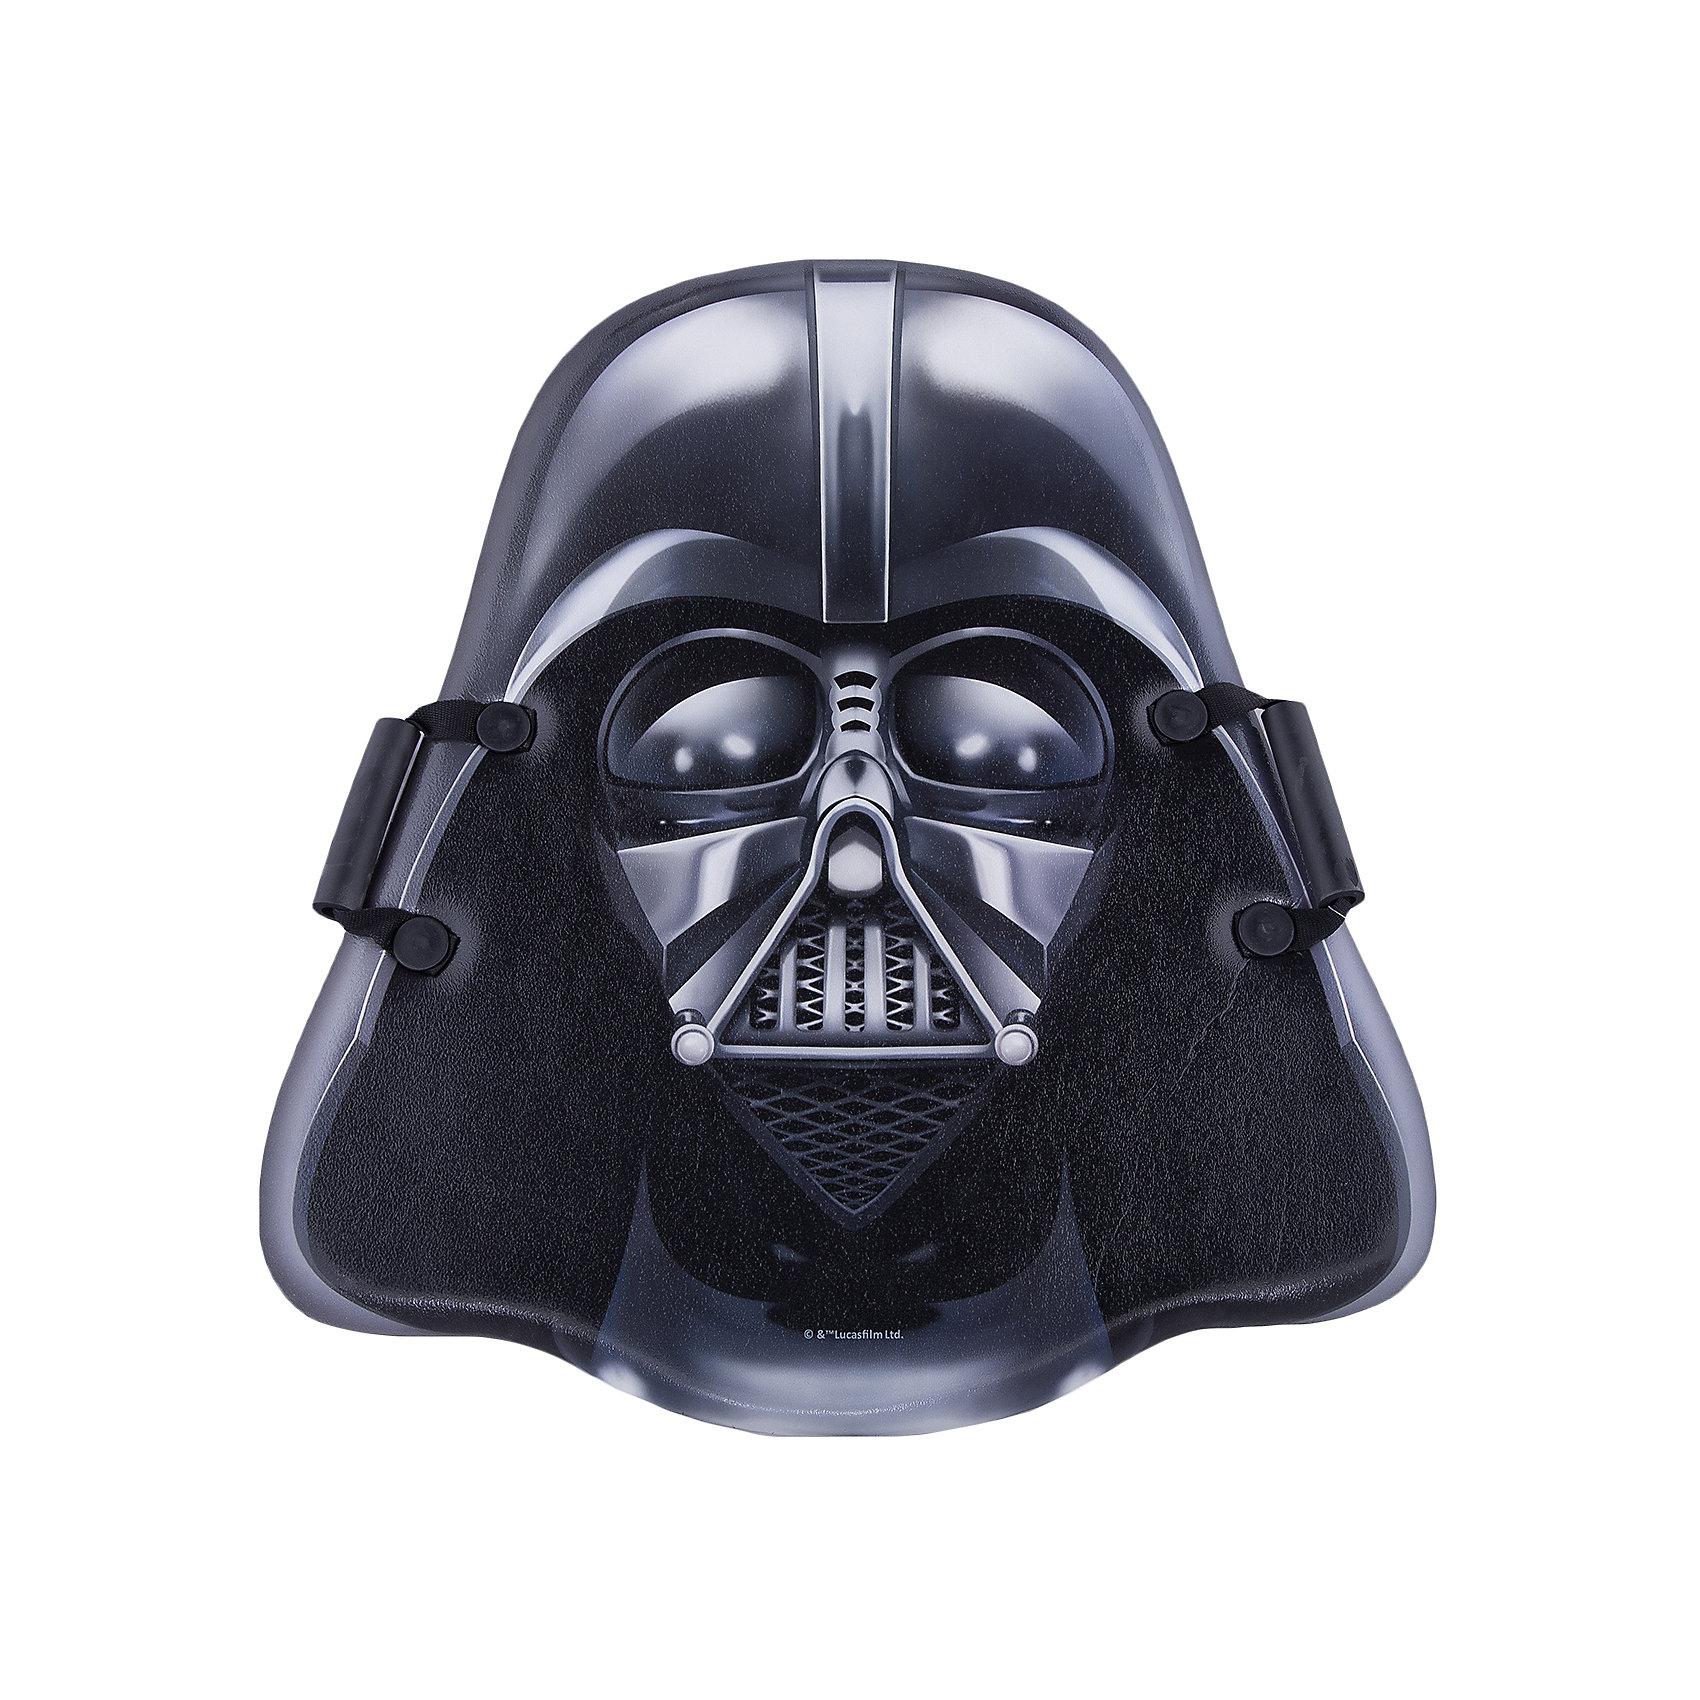 Ледянка Darth Vader, 70 см, с плотными ручками, Звездные войныЛедянка Darth Vader, 70 см, с плотными ручками, Звездные войны.<br><br>Характеристики:<br><br>• изготовлена из прочного пластика<br>• имеет удобные ручки <br>• необычный дизайн для любителей Звездных войн<br>• размер: 70х50х5 см<br>• вес: 100 грамм<br><br>Ледянка Darth Vader, с плотными ручками, Звездные войны впечатлит каждого поклонника культовой саги Звездные войны. Ледянка выполнена в виде шлема Дарт Вейдера. <br>Изготовлена из качественного пластика, имеет ручки, за которые будет удобно держаться при спуске с горки. Такая ледянка сделает зимний отдых еще веселее!<br><br>Ледянку Darth Vader, 70 см, с плотными ручками, Звездные войны вы можете купить в нашем интернет-магазине.<br><br>Ширина мм: 650<br>Глубина мм: 715<br>Высота мм: 25<br>Вес г: 683<br>Возраст от месяцев: 36<br>Возраст до месяцев: 192<br>Пол: Мужской<br>Возраст: Детский<br>SKU: 5032791